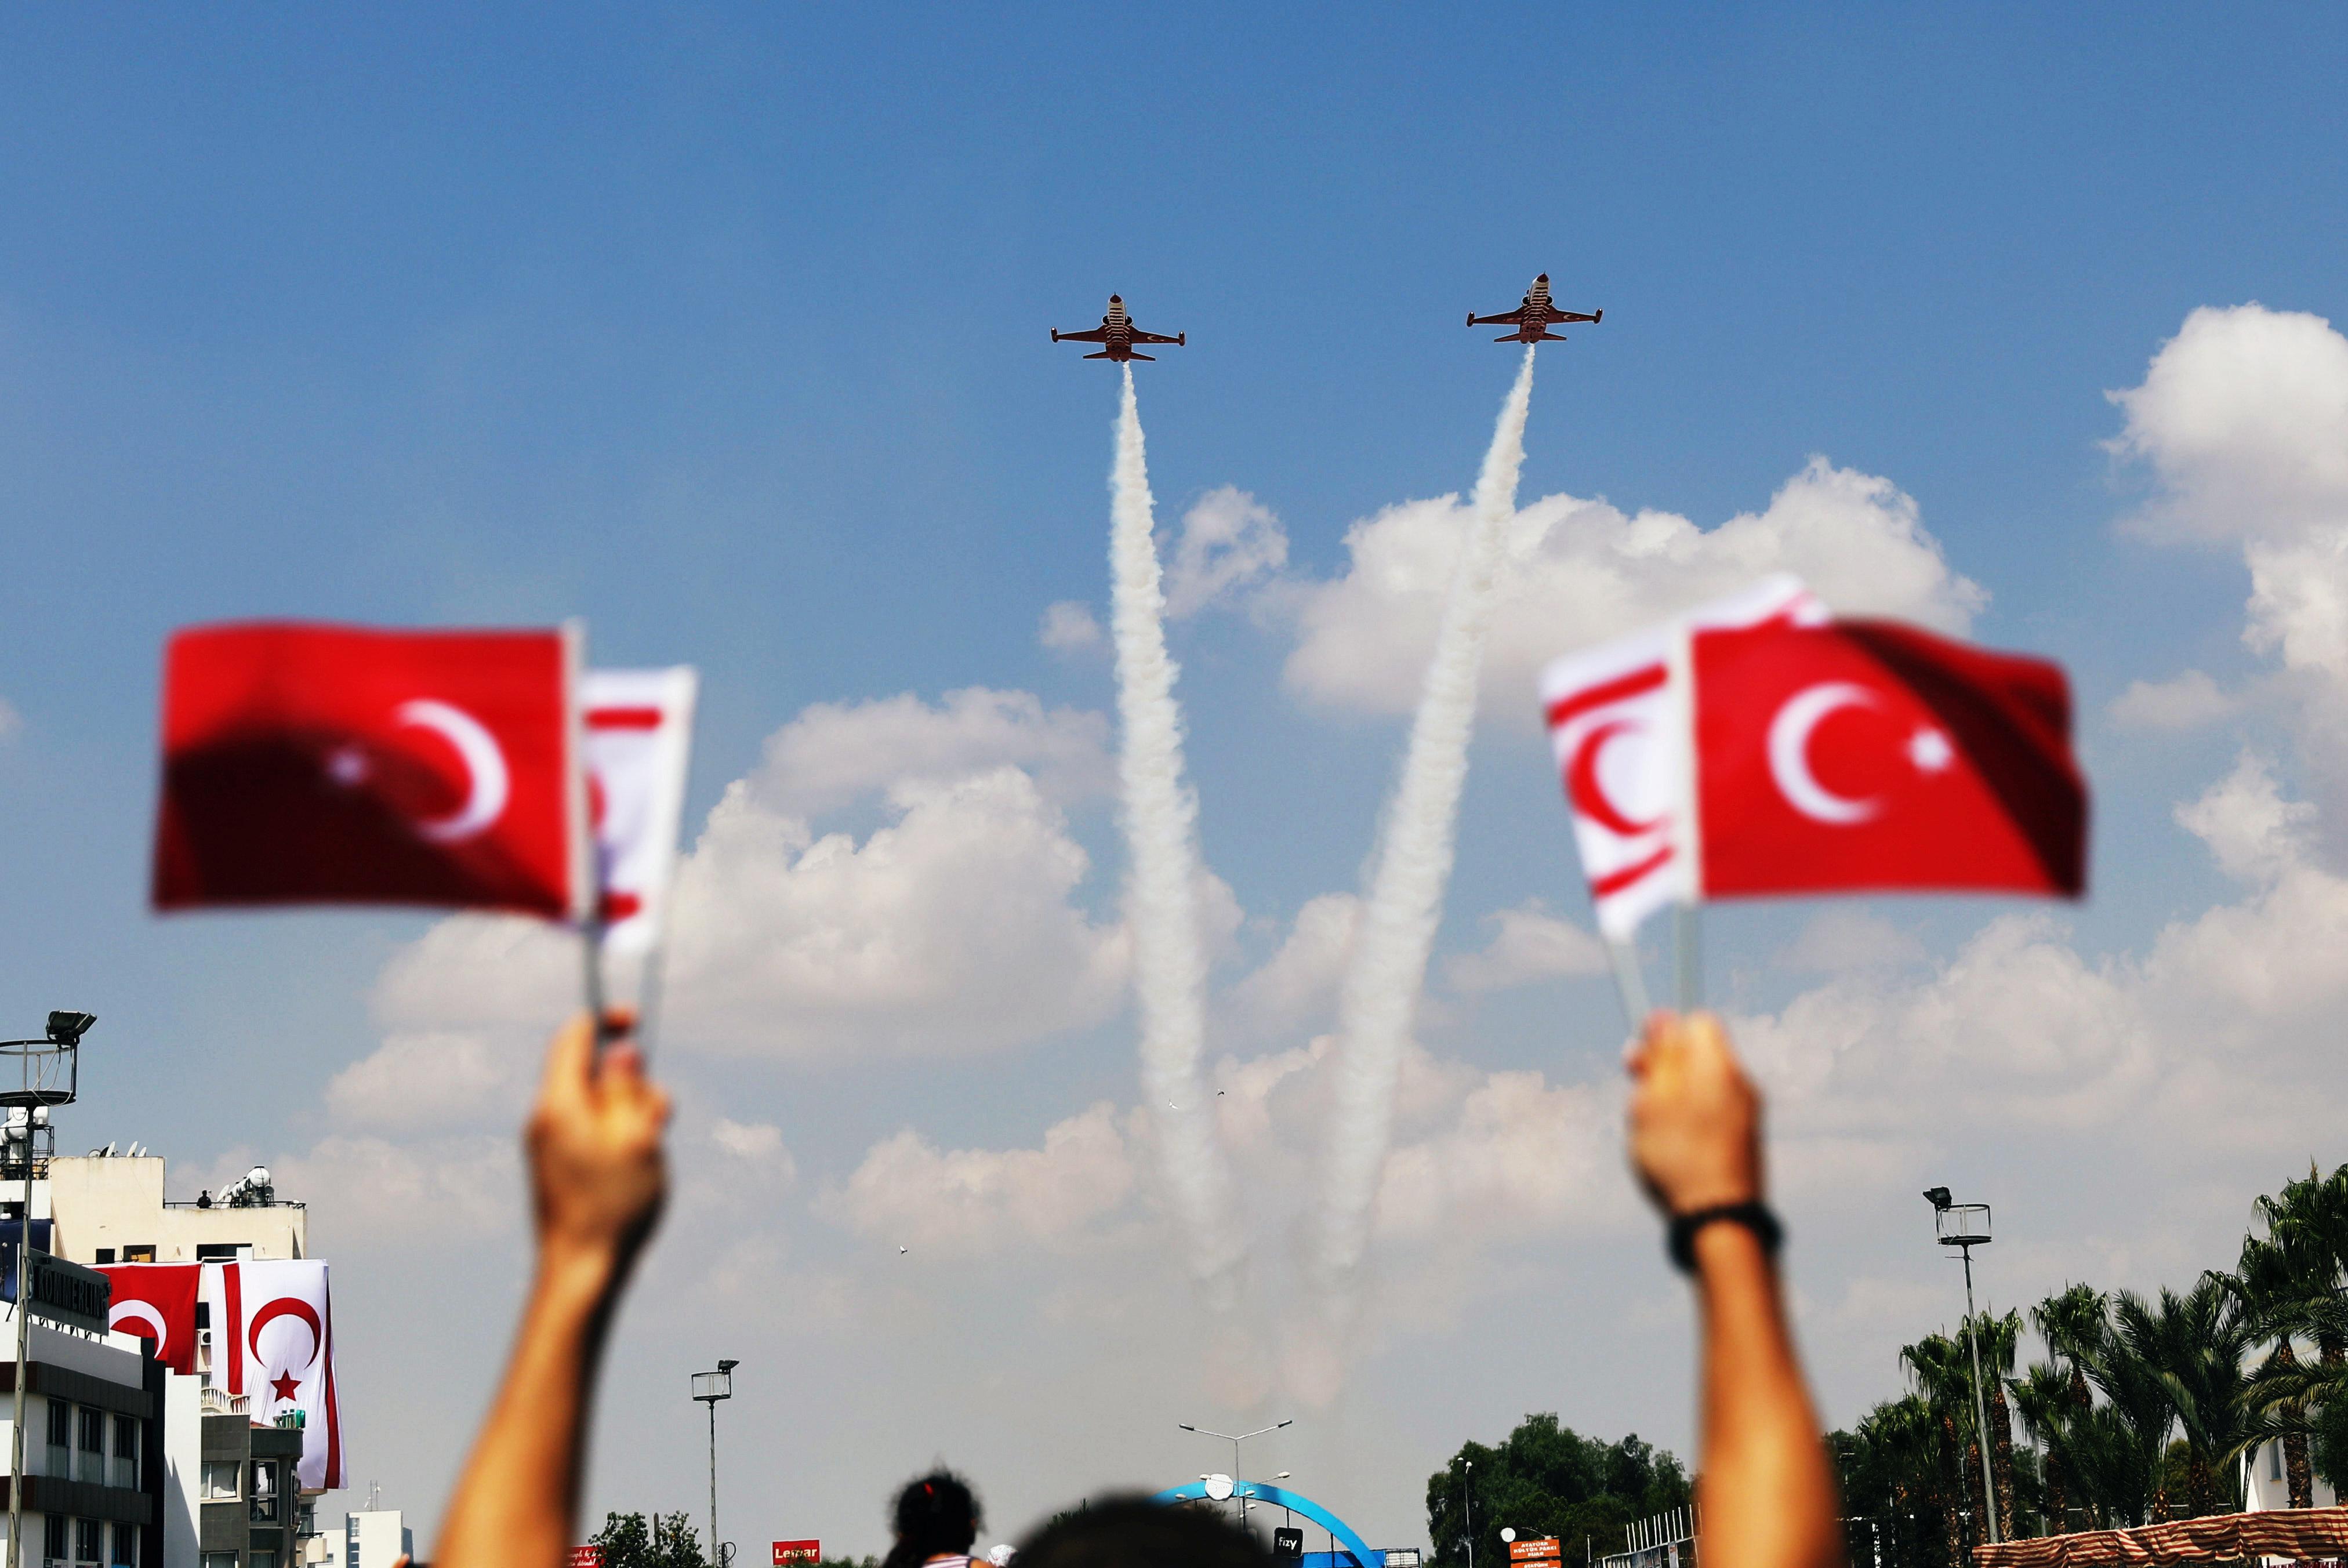 Δίκες στην Άγκυρα για την τουρκοκυπριακή εφημερίδα «Αφρίκα» και δημοσιογράφους της για την «τουρκική...